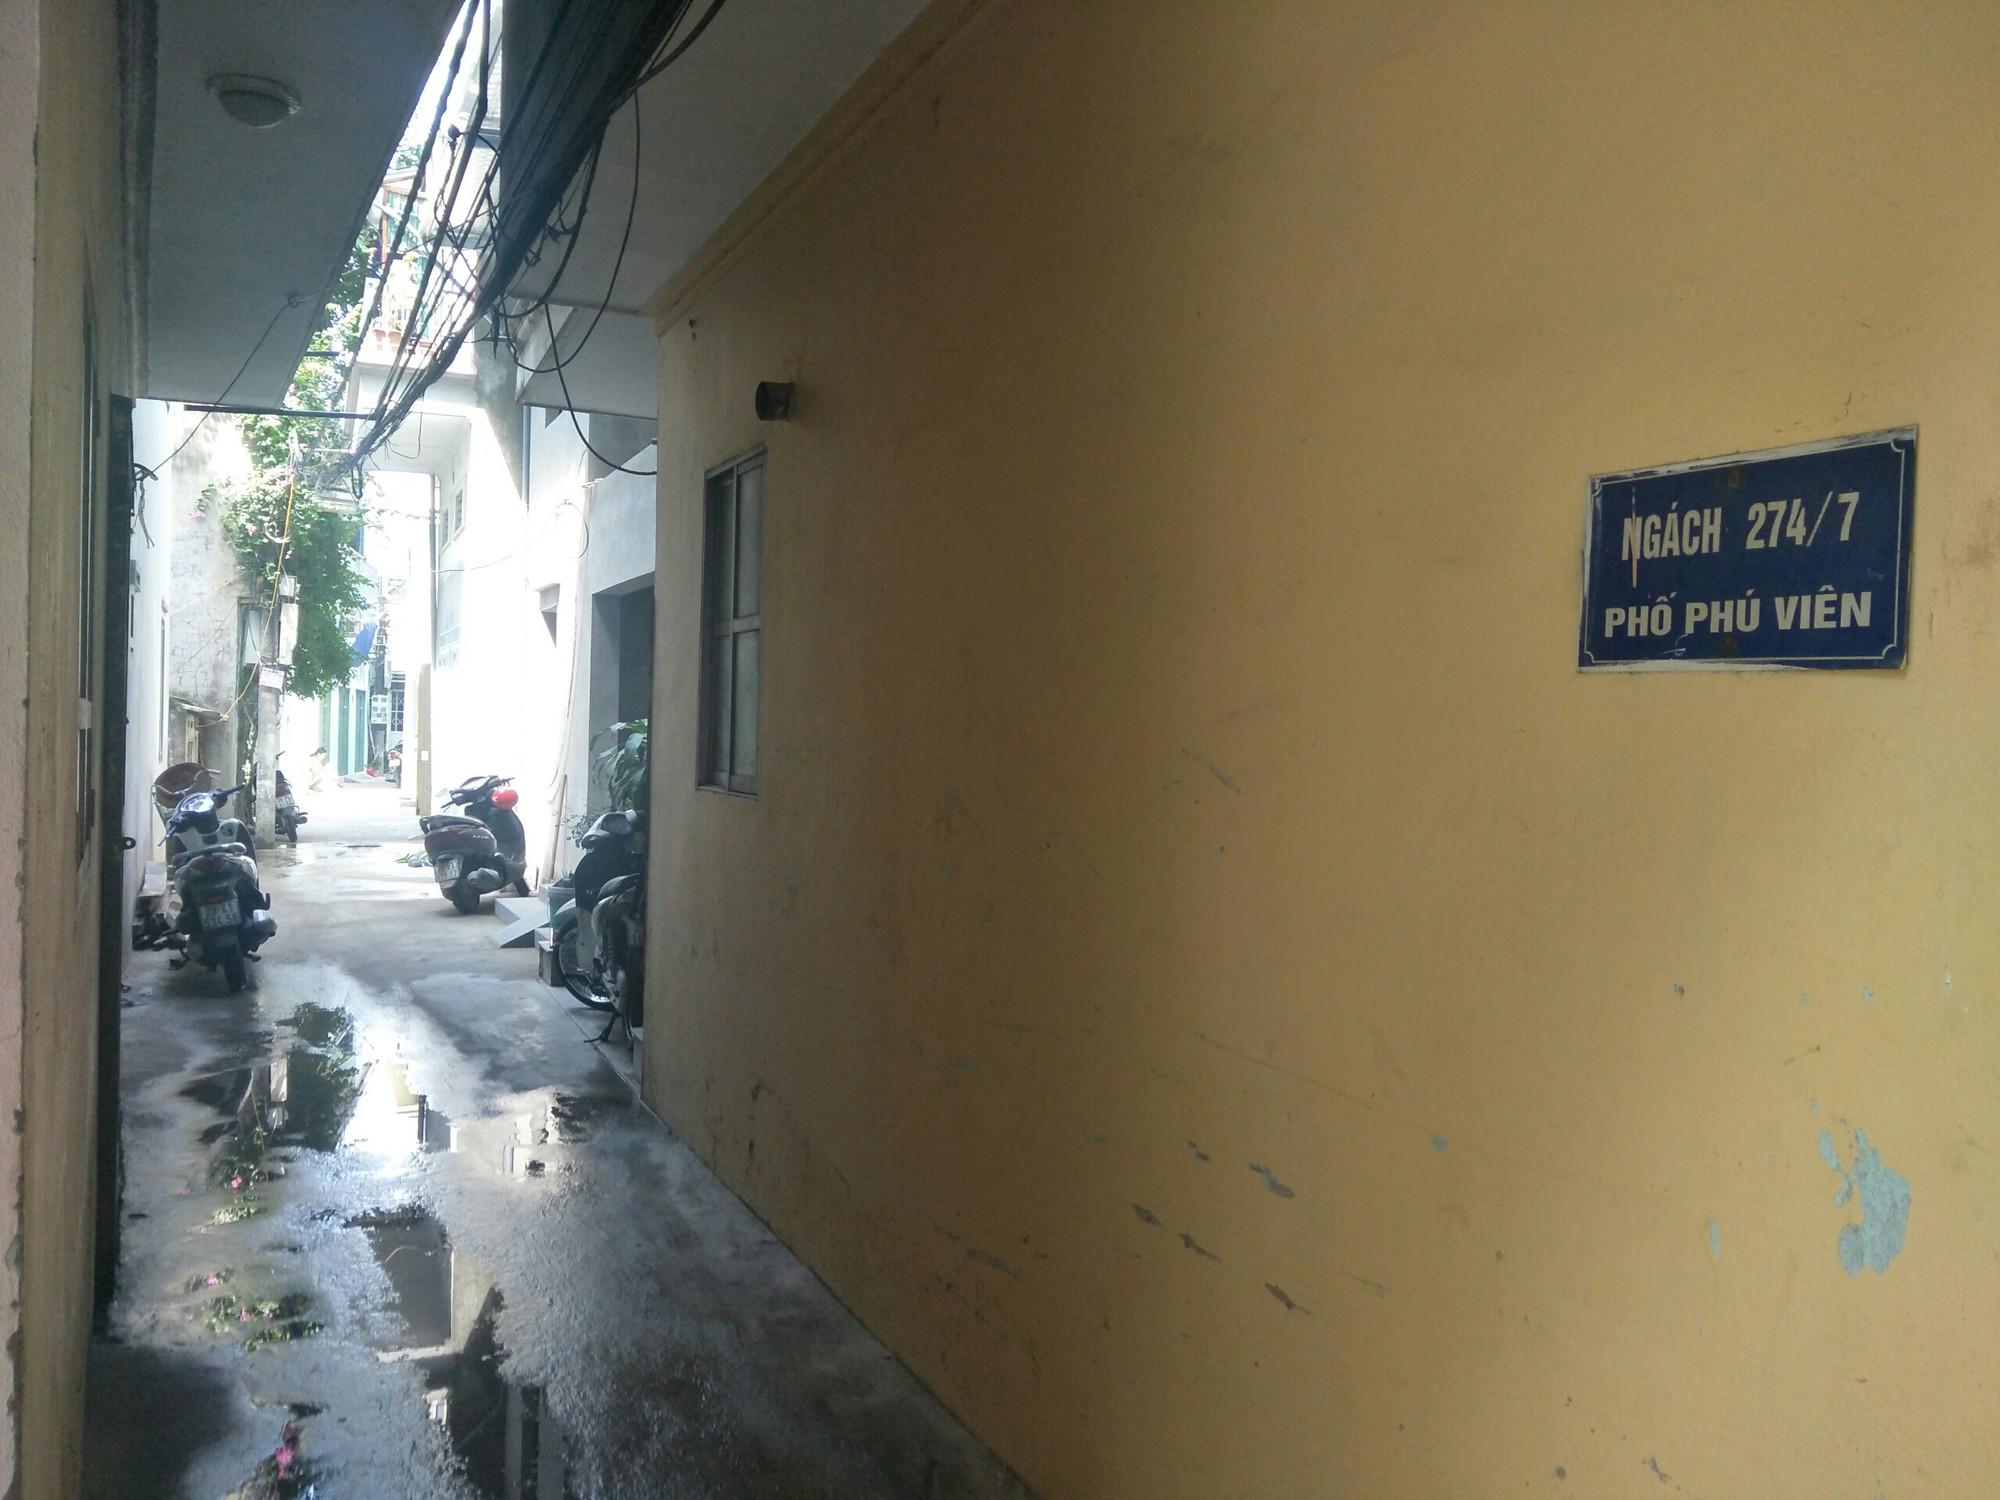 Vụ cụ bà bị chó cắn kinh hoàng ở Hà Nội: Chủ nhân của con chó là cháu ngoại của nạn nhân - Ảnh 3.